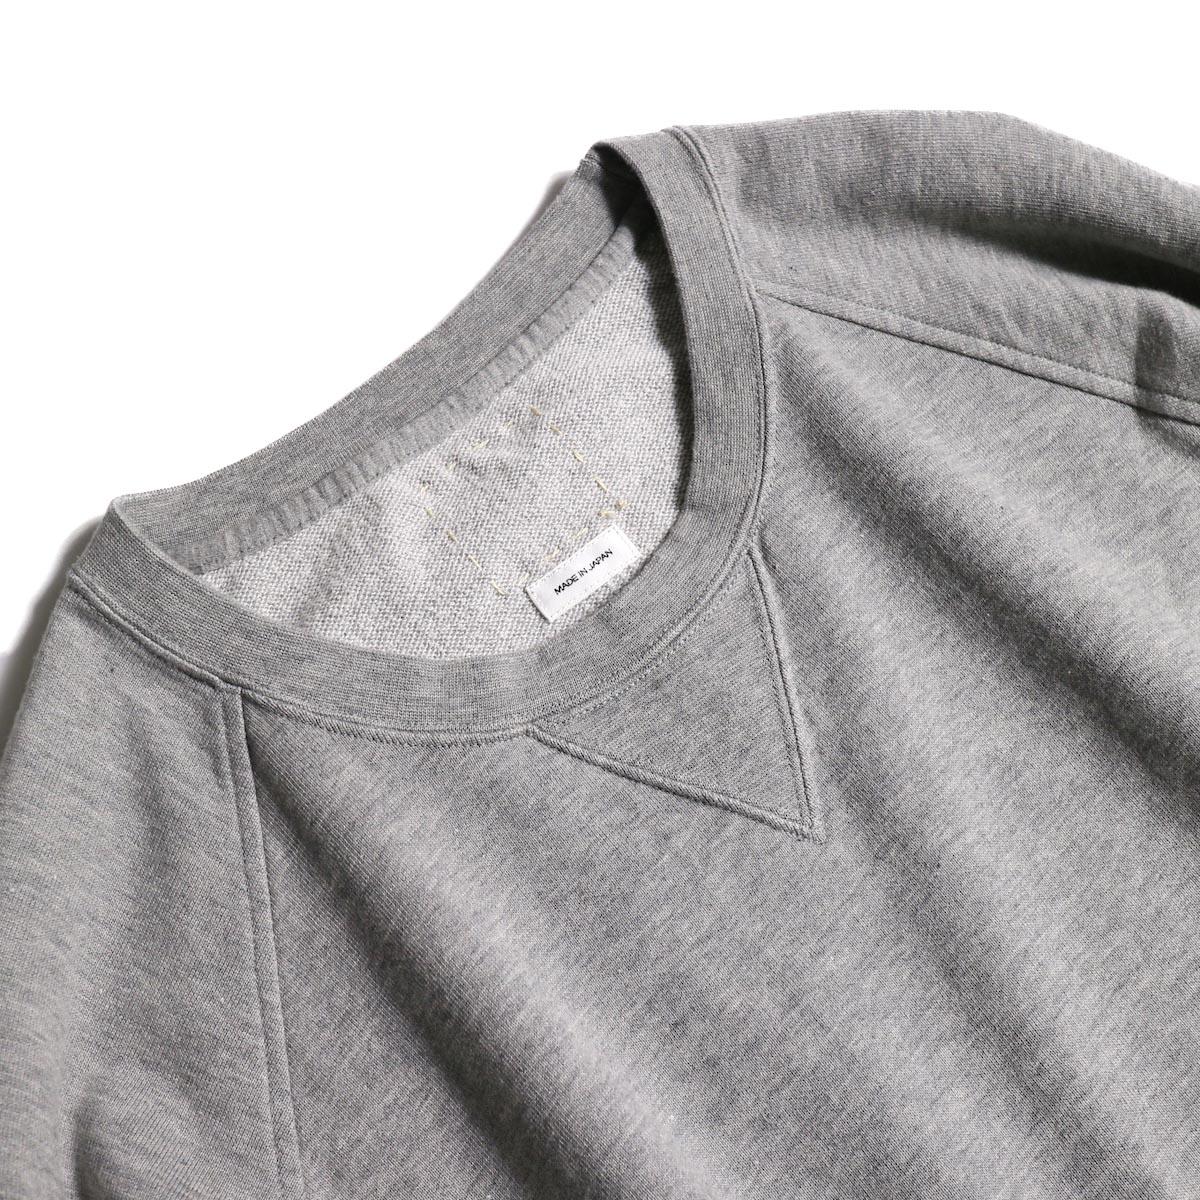 visvim / JV CREW L/S (Gray) ガセット